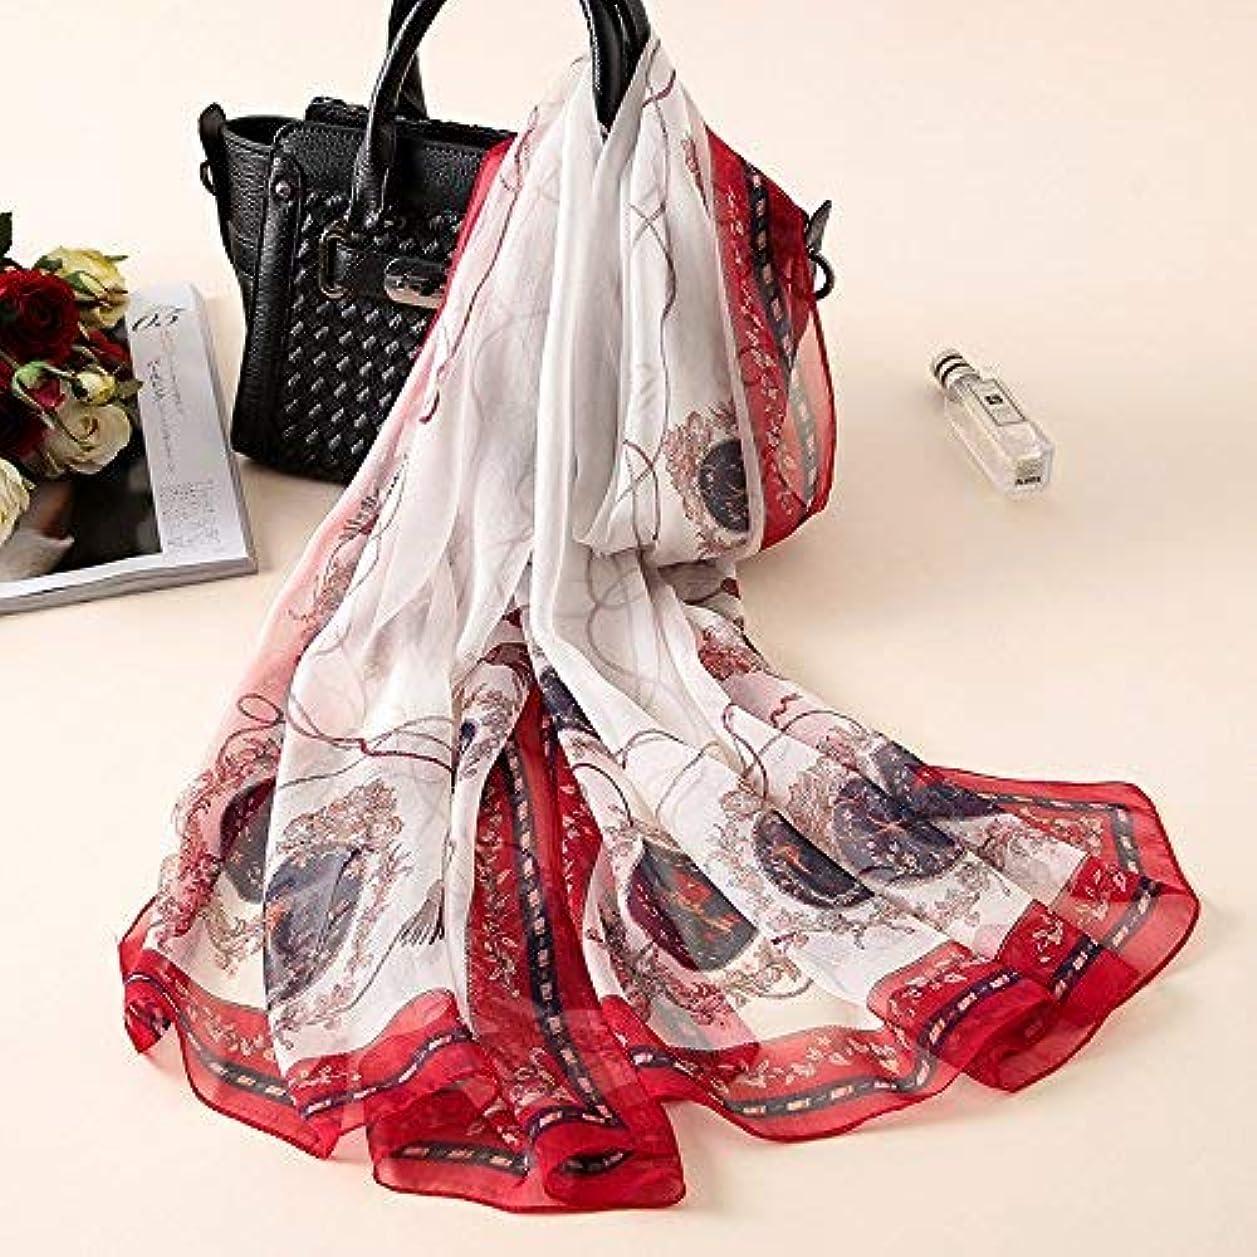 シェーバー感嘆ポータブルレディースラップショールスカーフショールラップレディースロングスカーフ 黒と白のシルクスカーフスカーフスカーフ春と秋の春の薄い夏175 cm * 65 cm、旅 - 赤 ファッションロングスカーフフローラルネックスカーフショールラップ